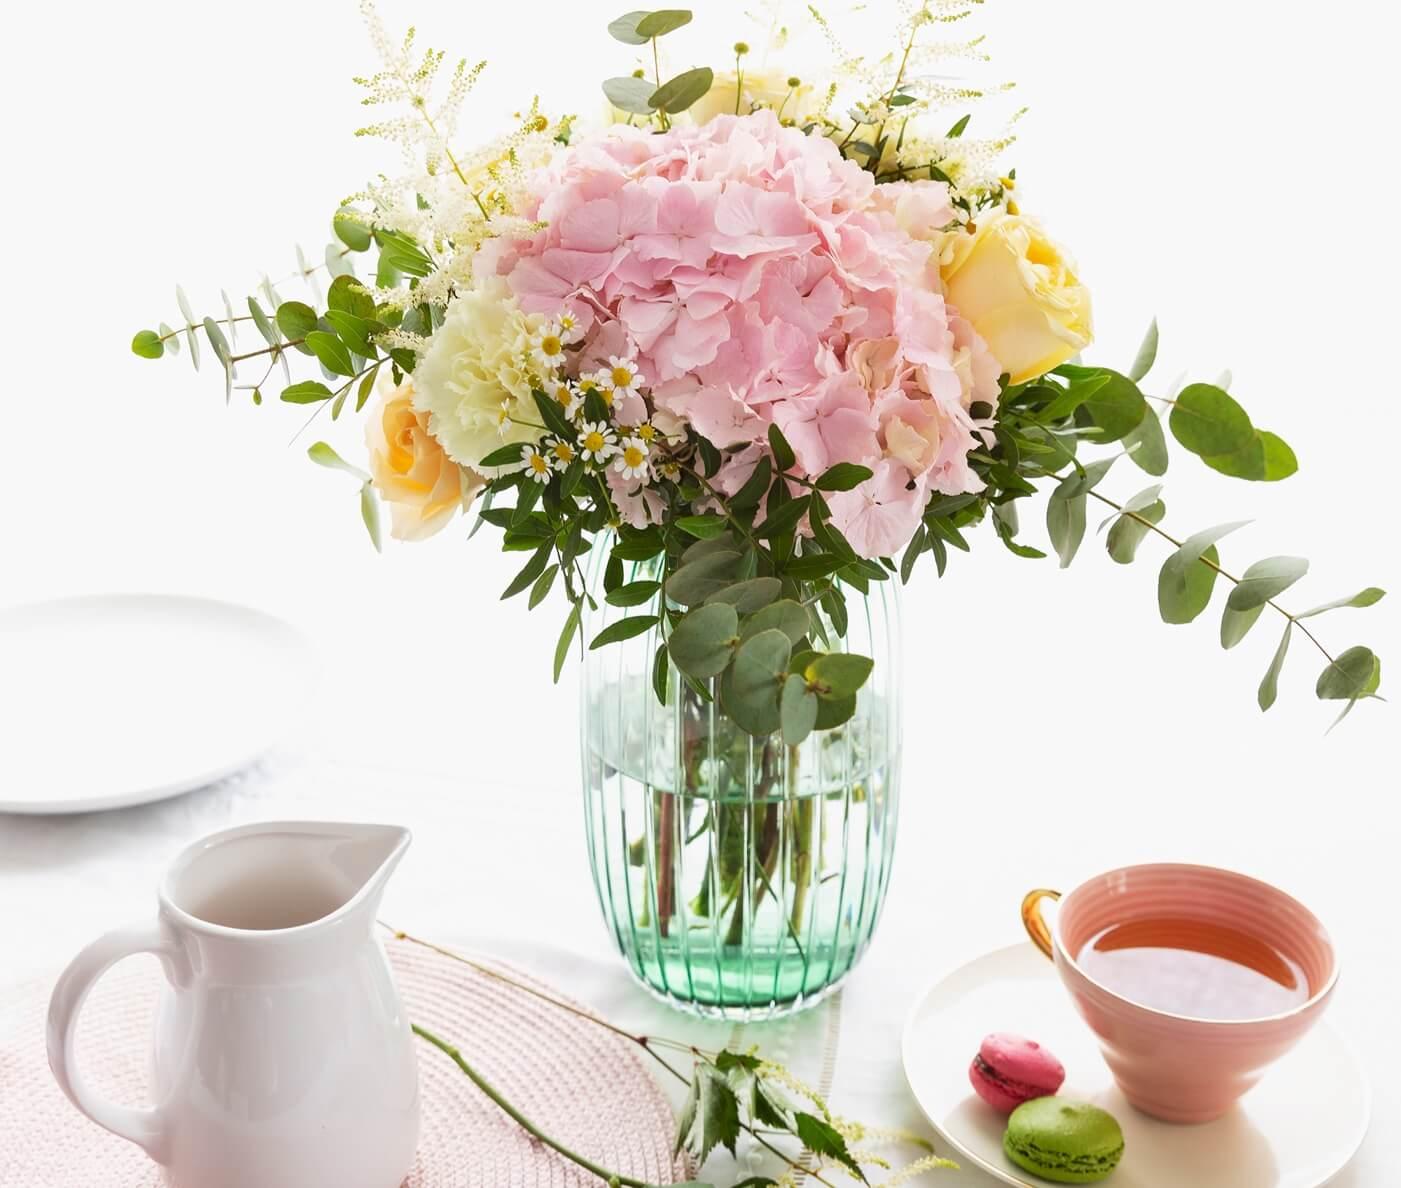 crea corona y diademas DIY con flores frescas 5